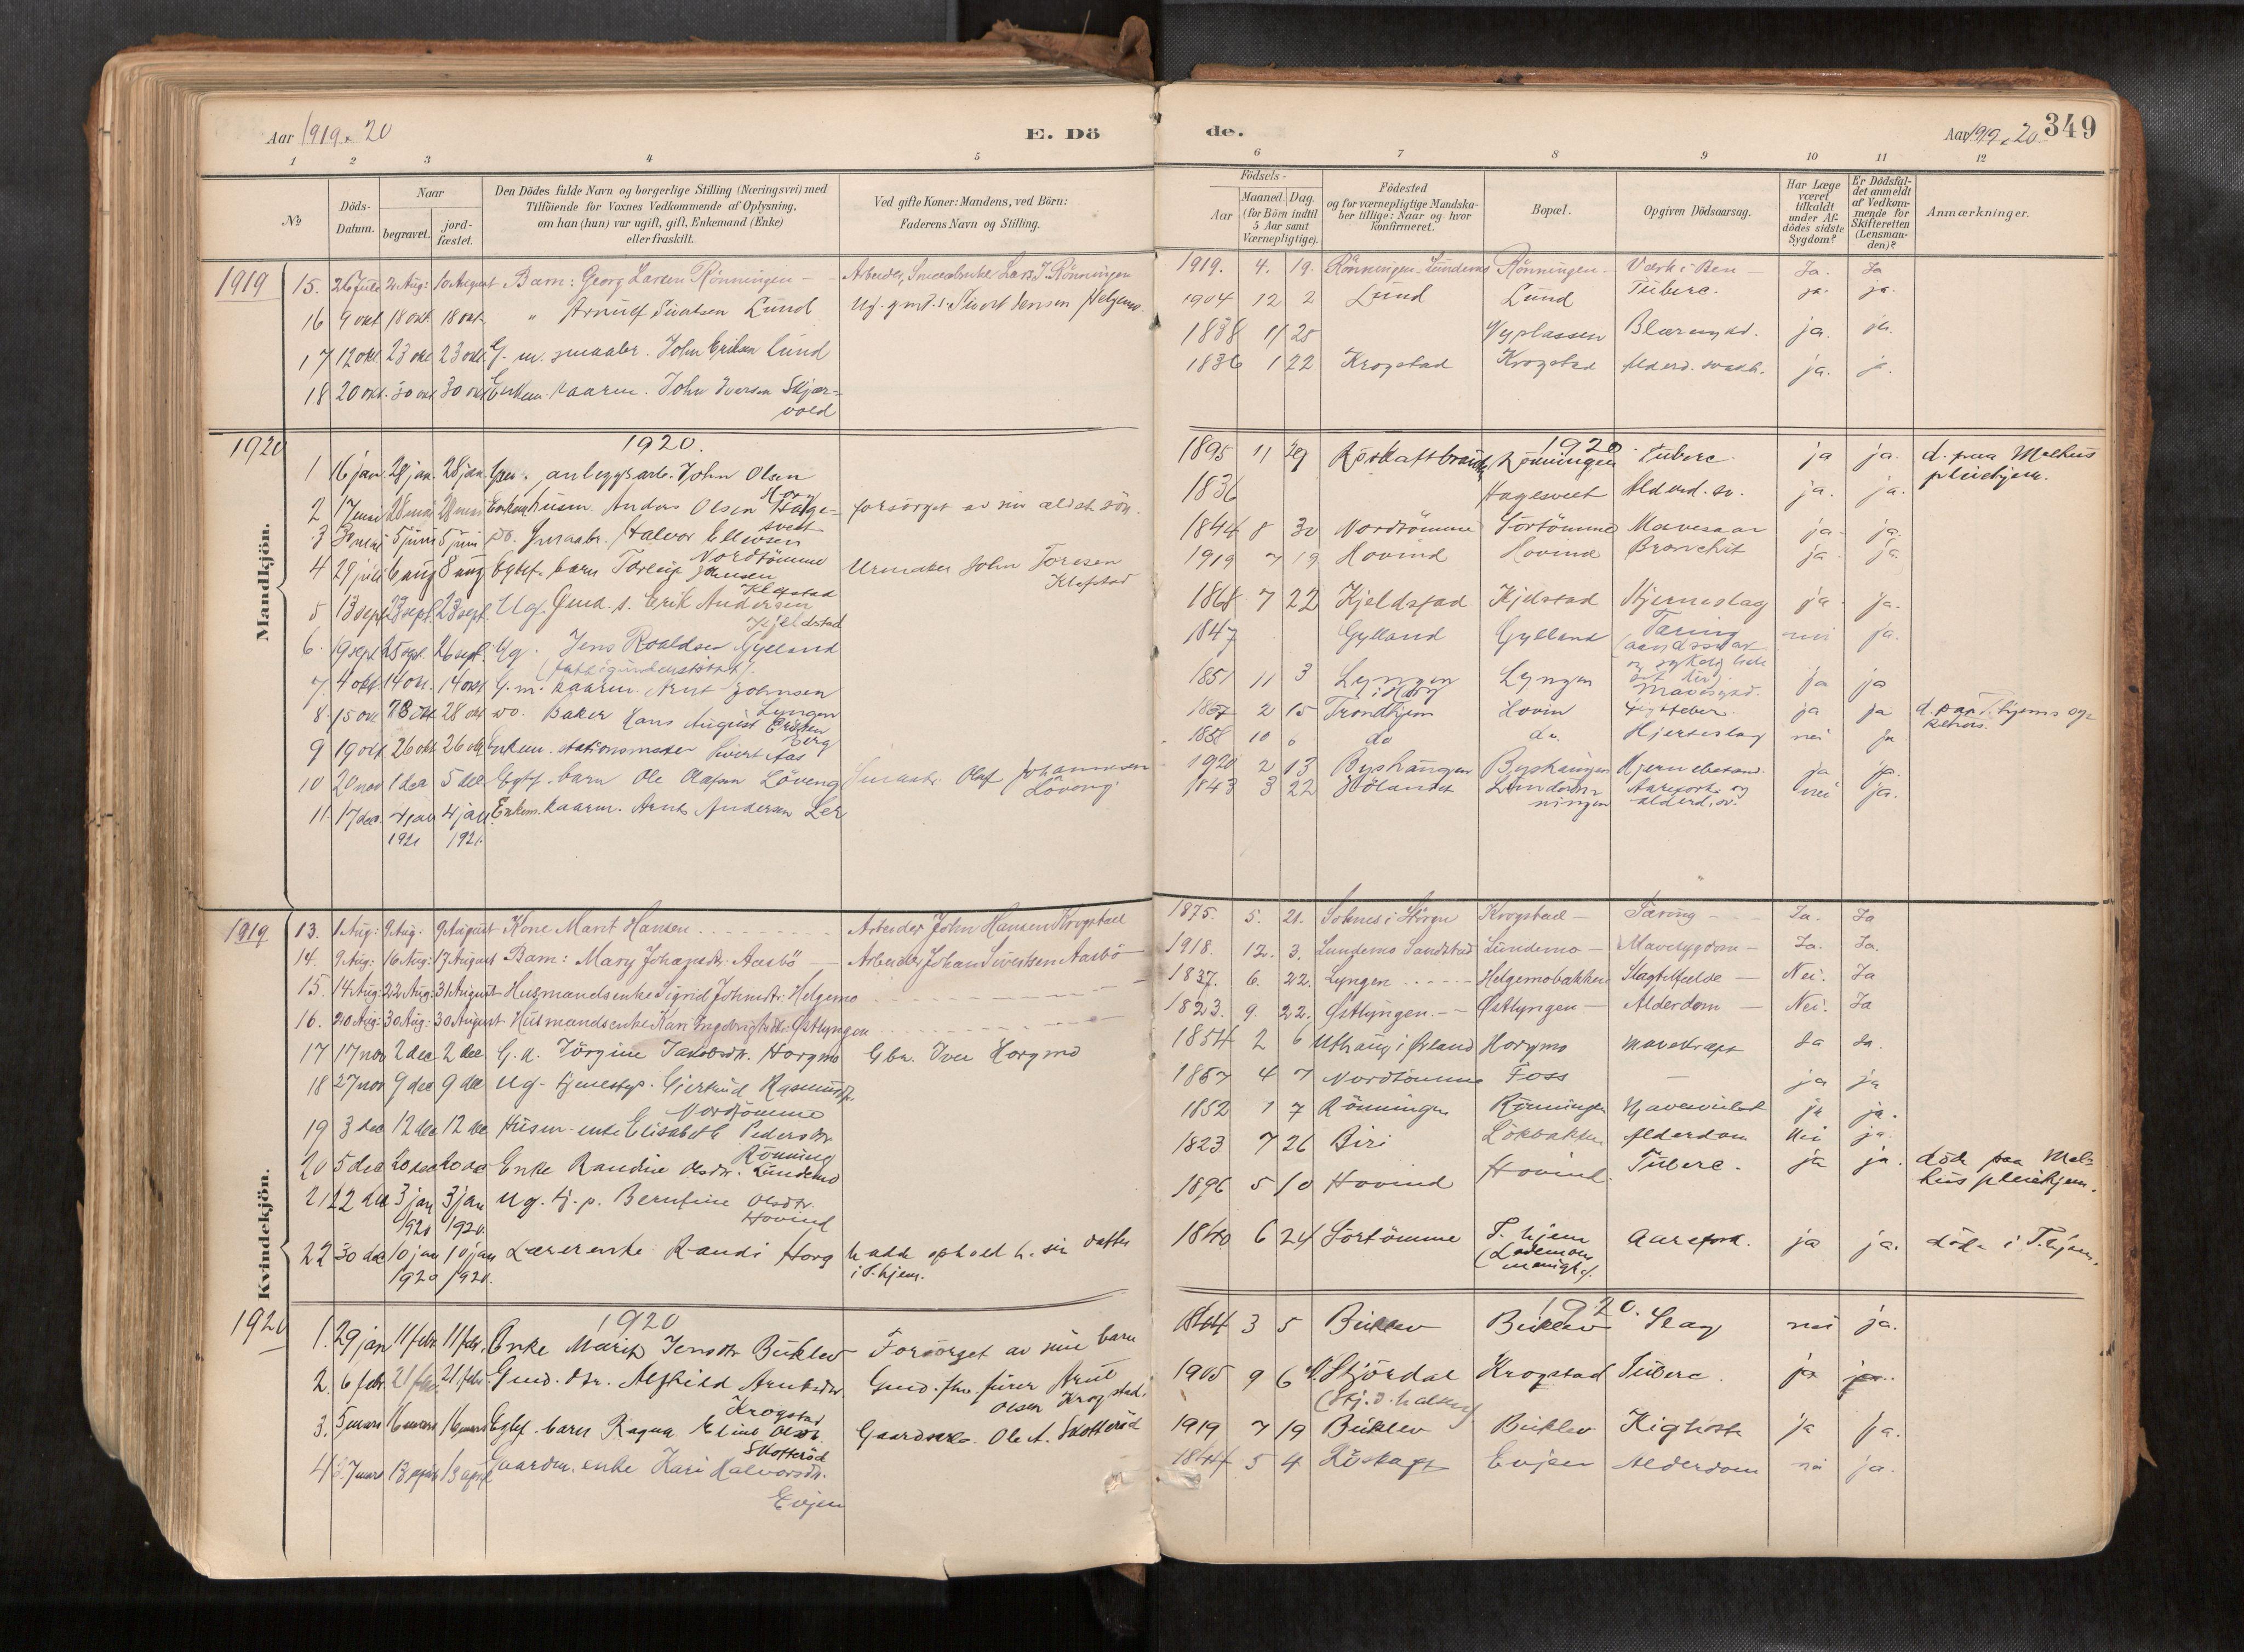 SAT, Ministerialprotokoller, klokkerbøker og fødselsregistre - Sør-Trøndelag, 692/L1105b: Ministerialbok nr. 692A06, 1891-1934, s. 349